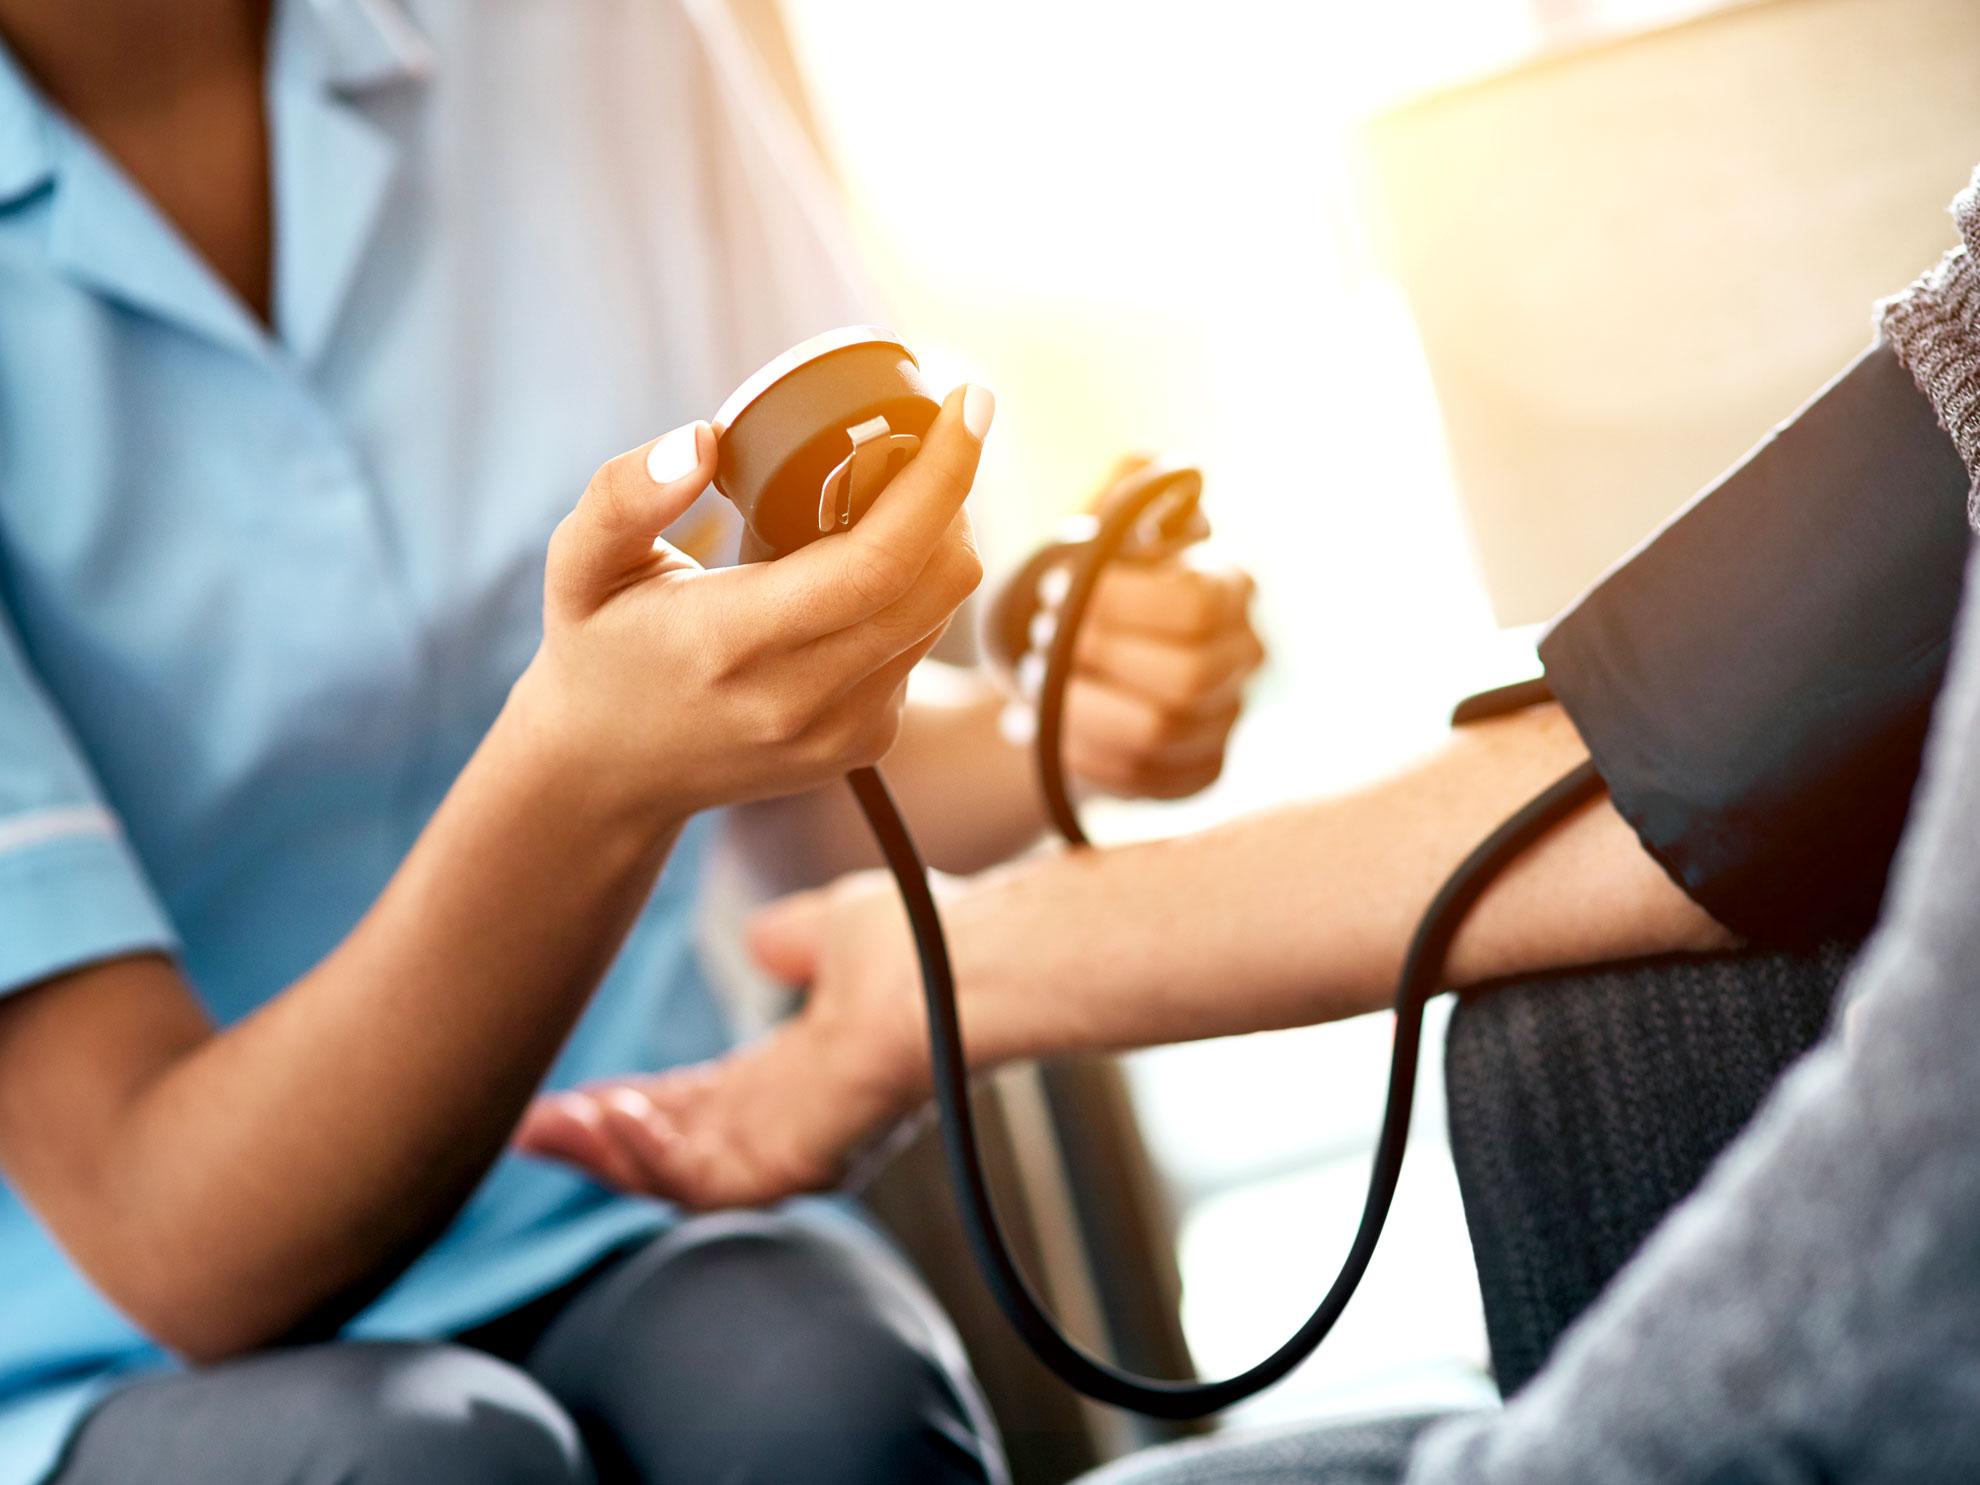 La strada verso il nuovo modello di sanità, basato su centri di coordinamento, sistemi di telemonitoraggio e teleconsulto. Il ruolo delle tecnologie digitali per la salute sarà fondamentale.